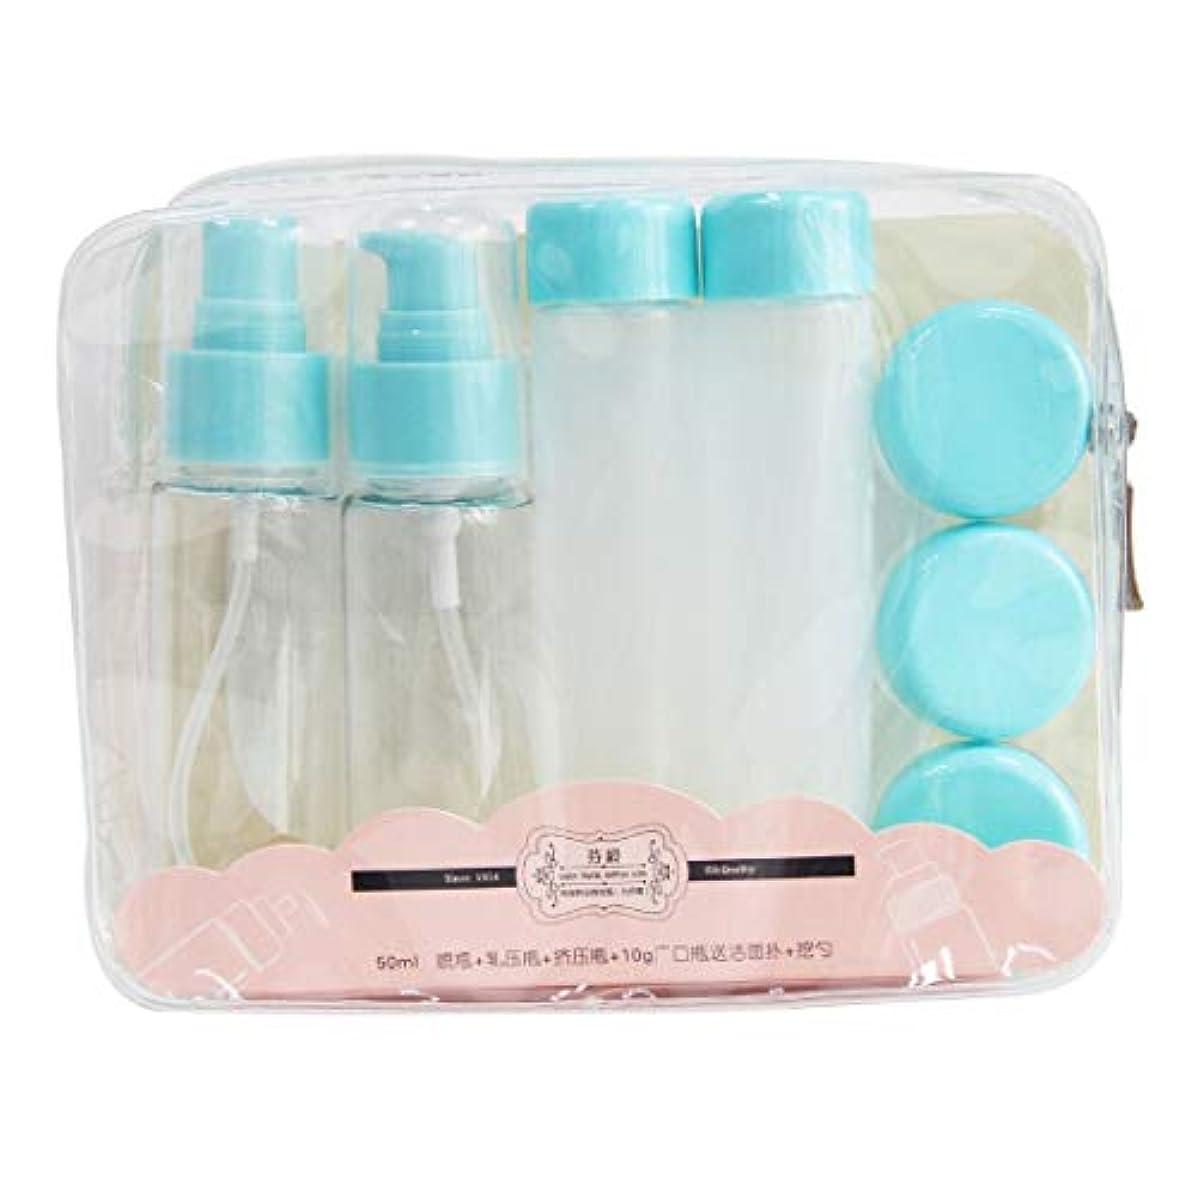 研究所ひまわり団結するMEI1JIA QUELLIA F3766旅行サブパッケージ化粧品ボトルキット(ピンク) (色 : Blue)